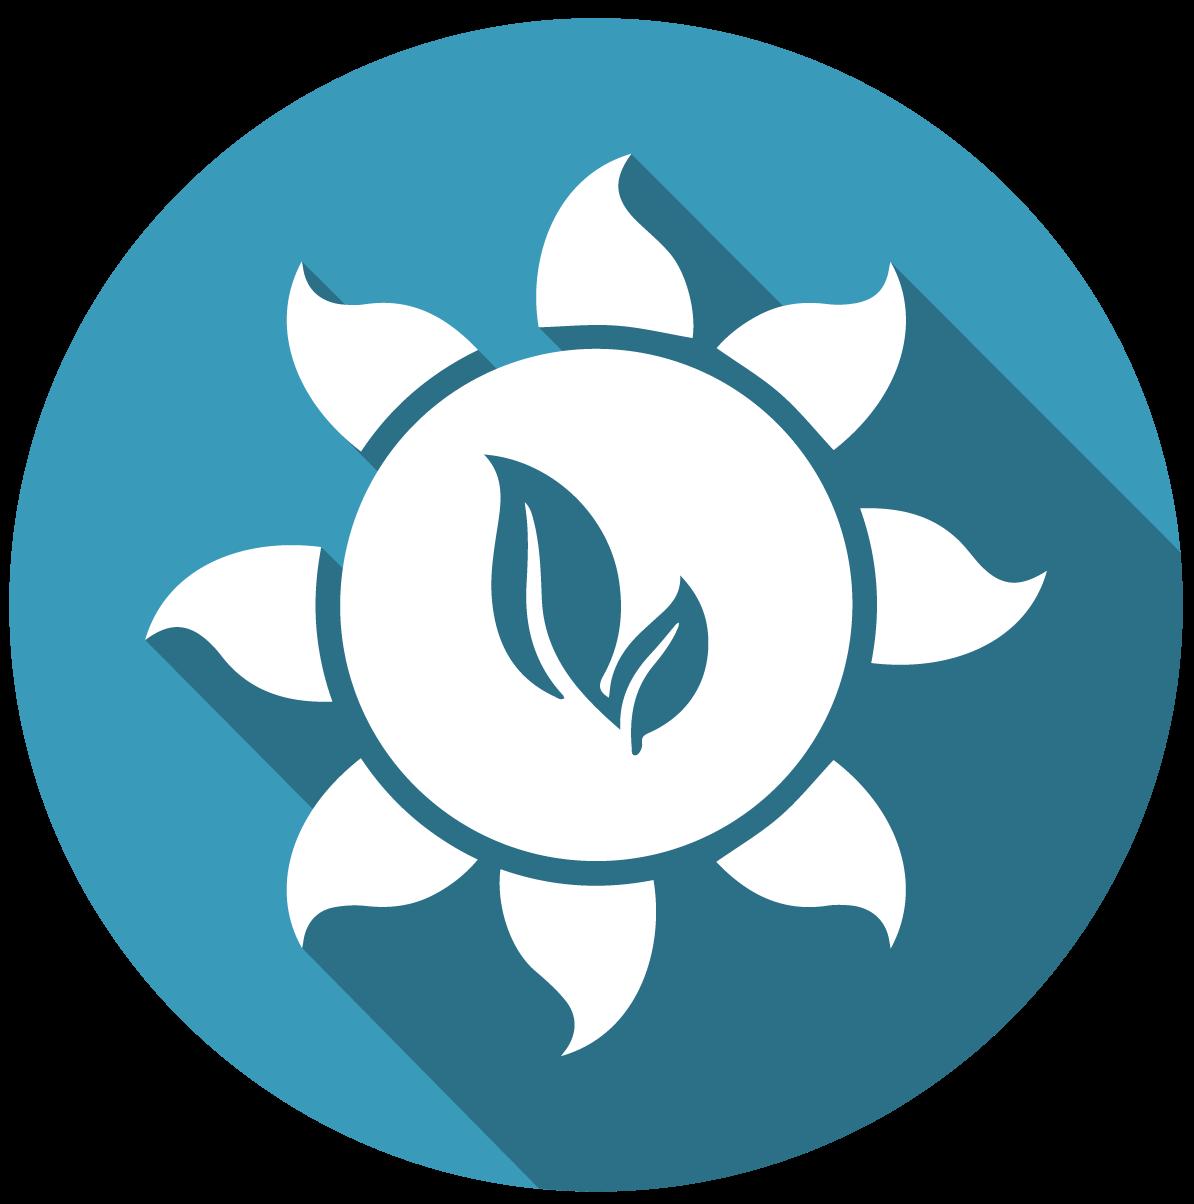 Icono de energías renovables